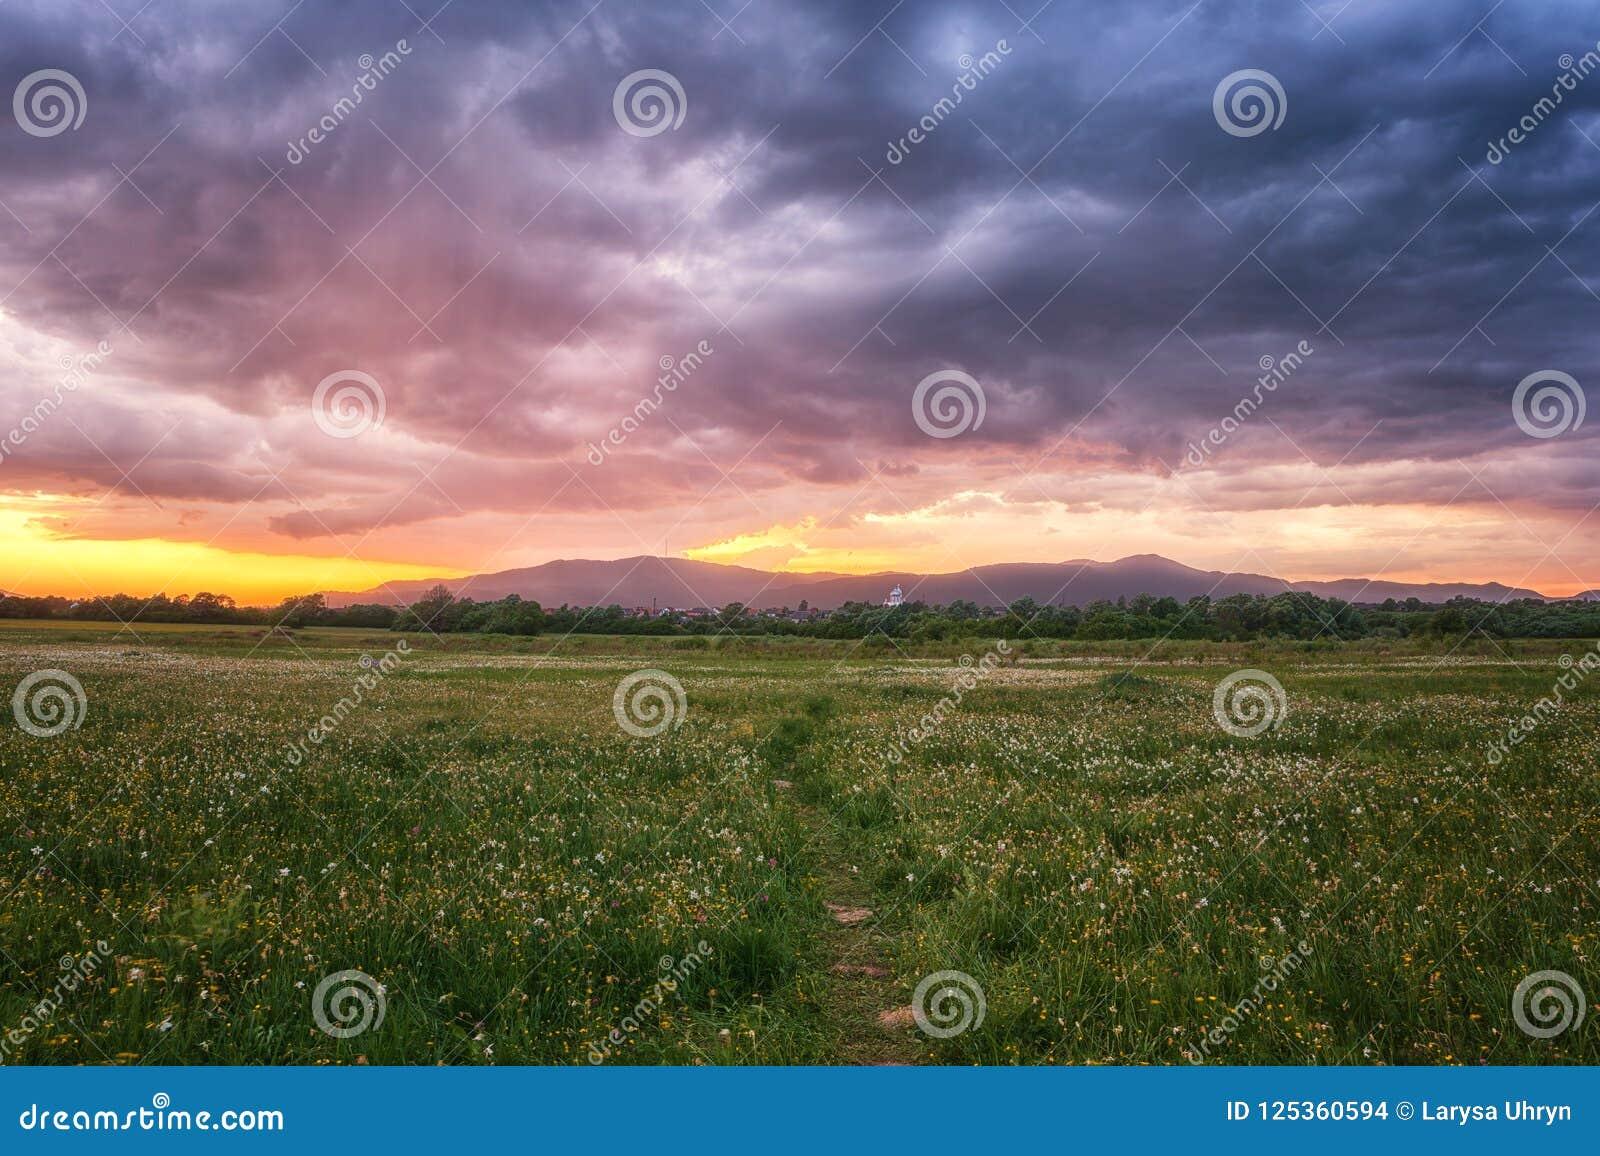 Bello tramonto nella valle di fioritura, nel paesaggio scenico con i fiori crescenti selvaggi e nel cielo nuvoloso di colore